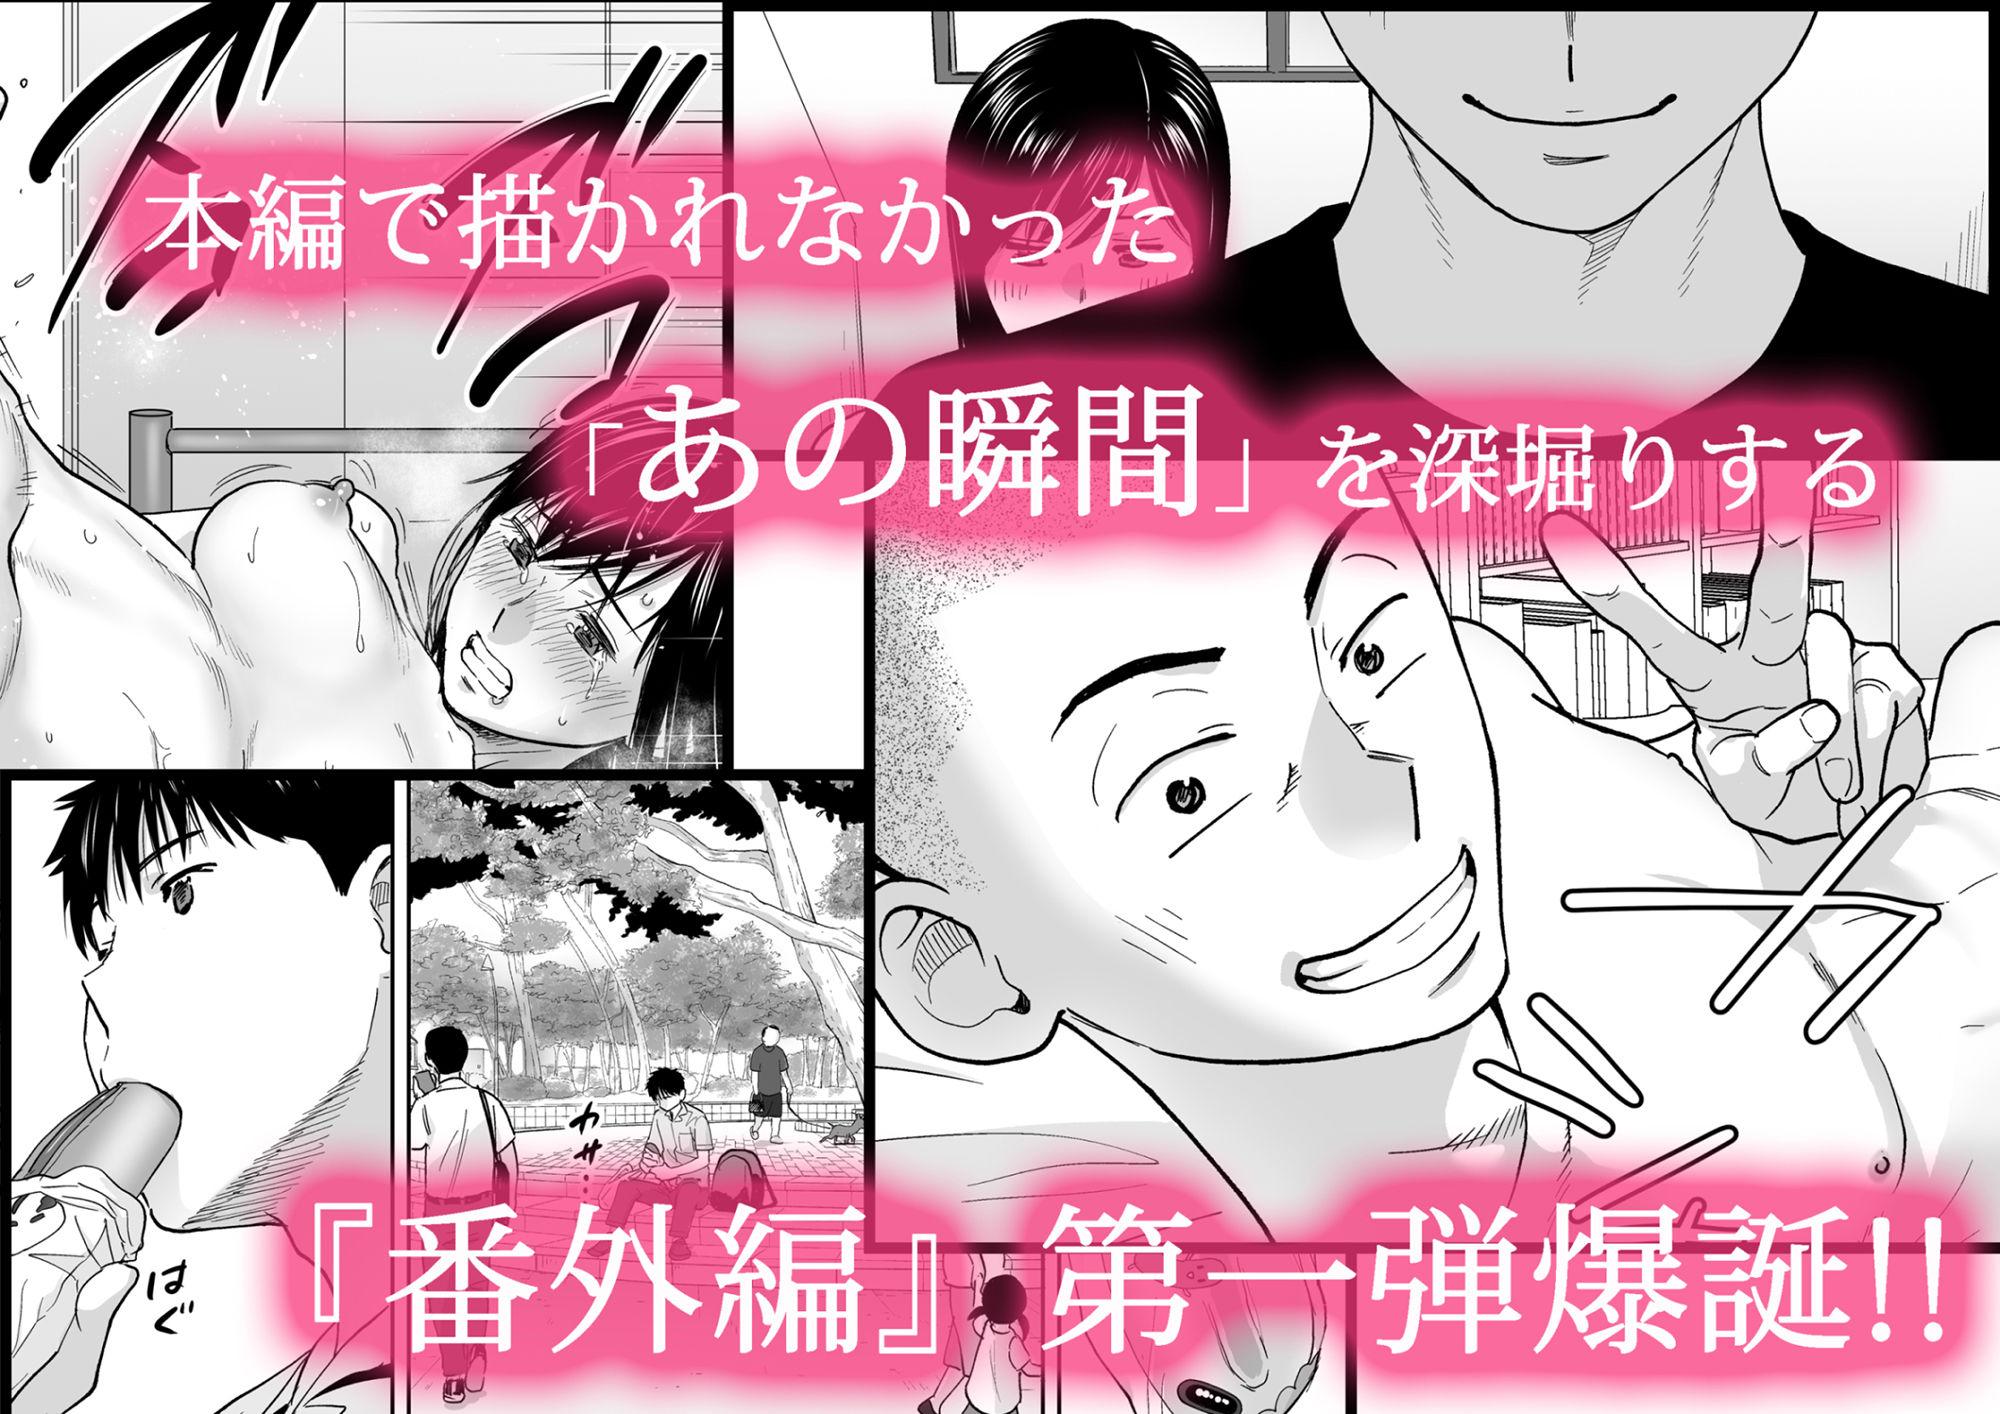 カラミざかり番外編~貴史と飯田~